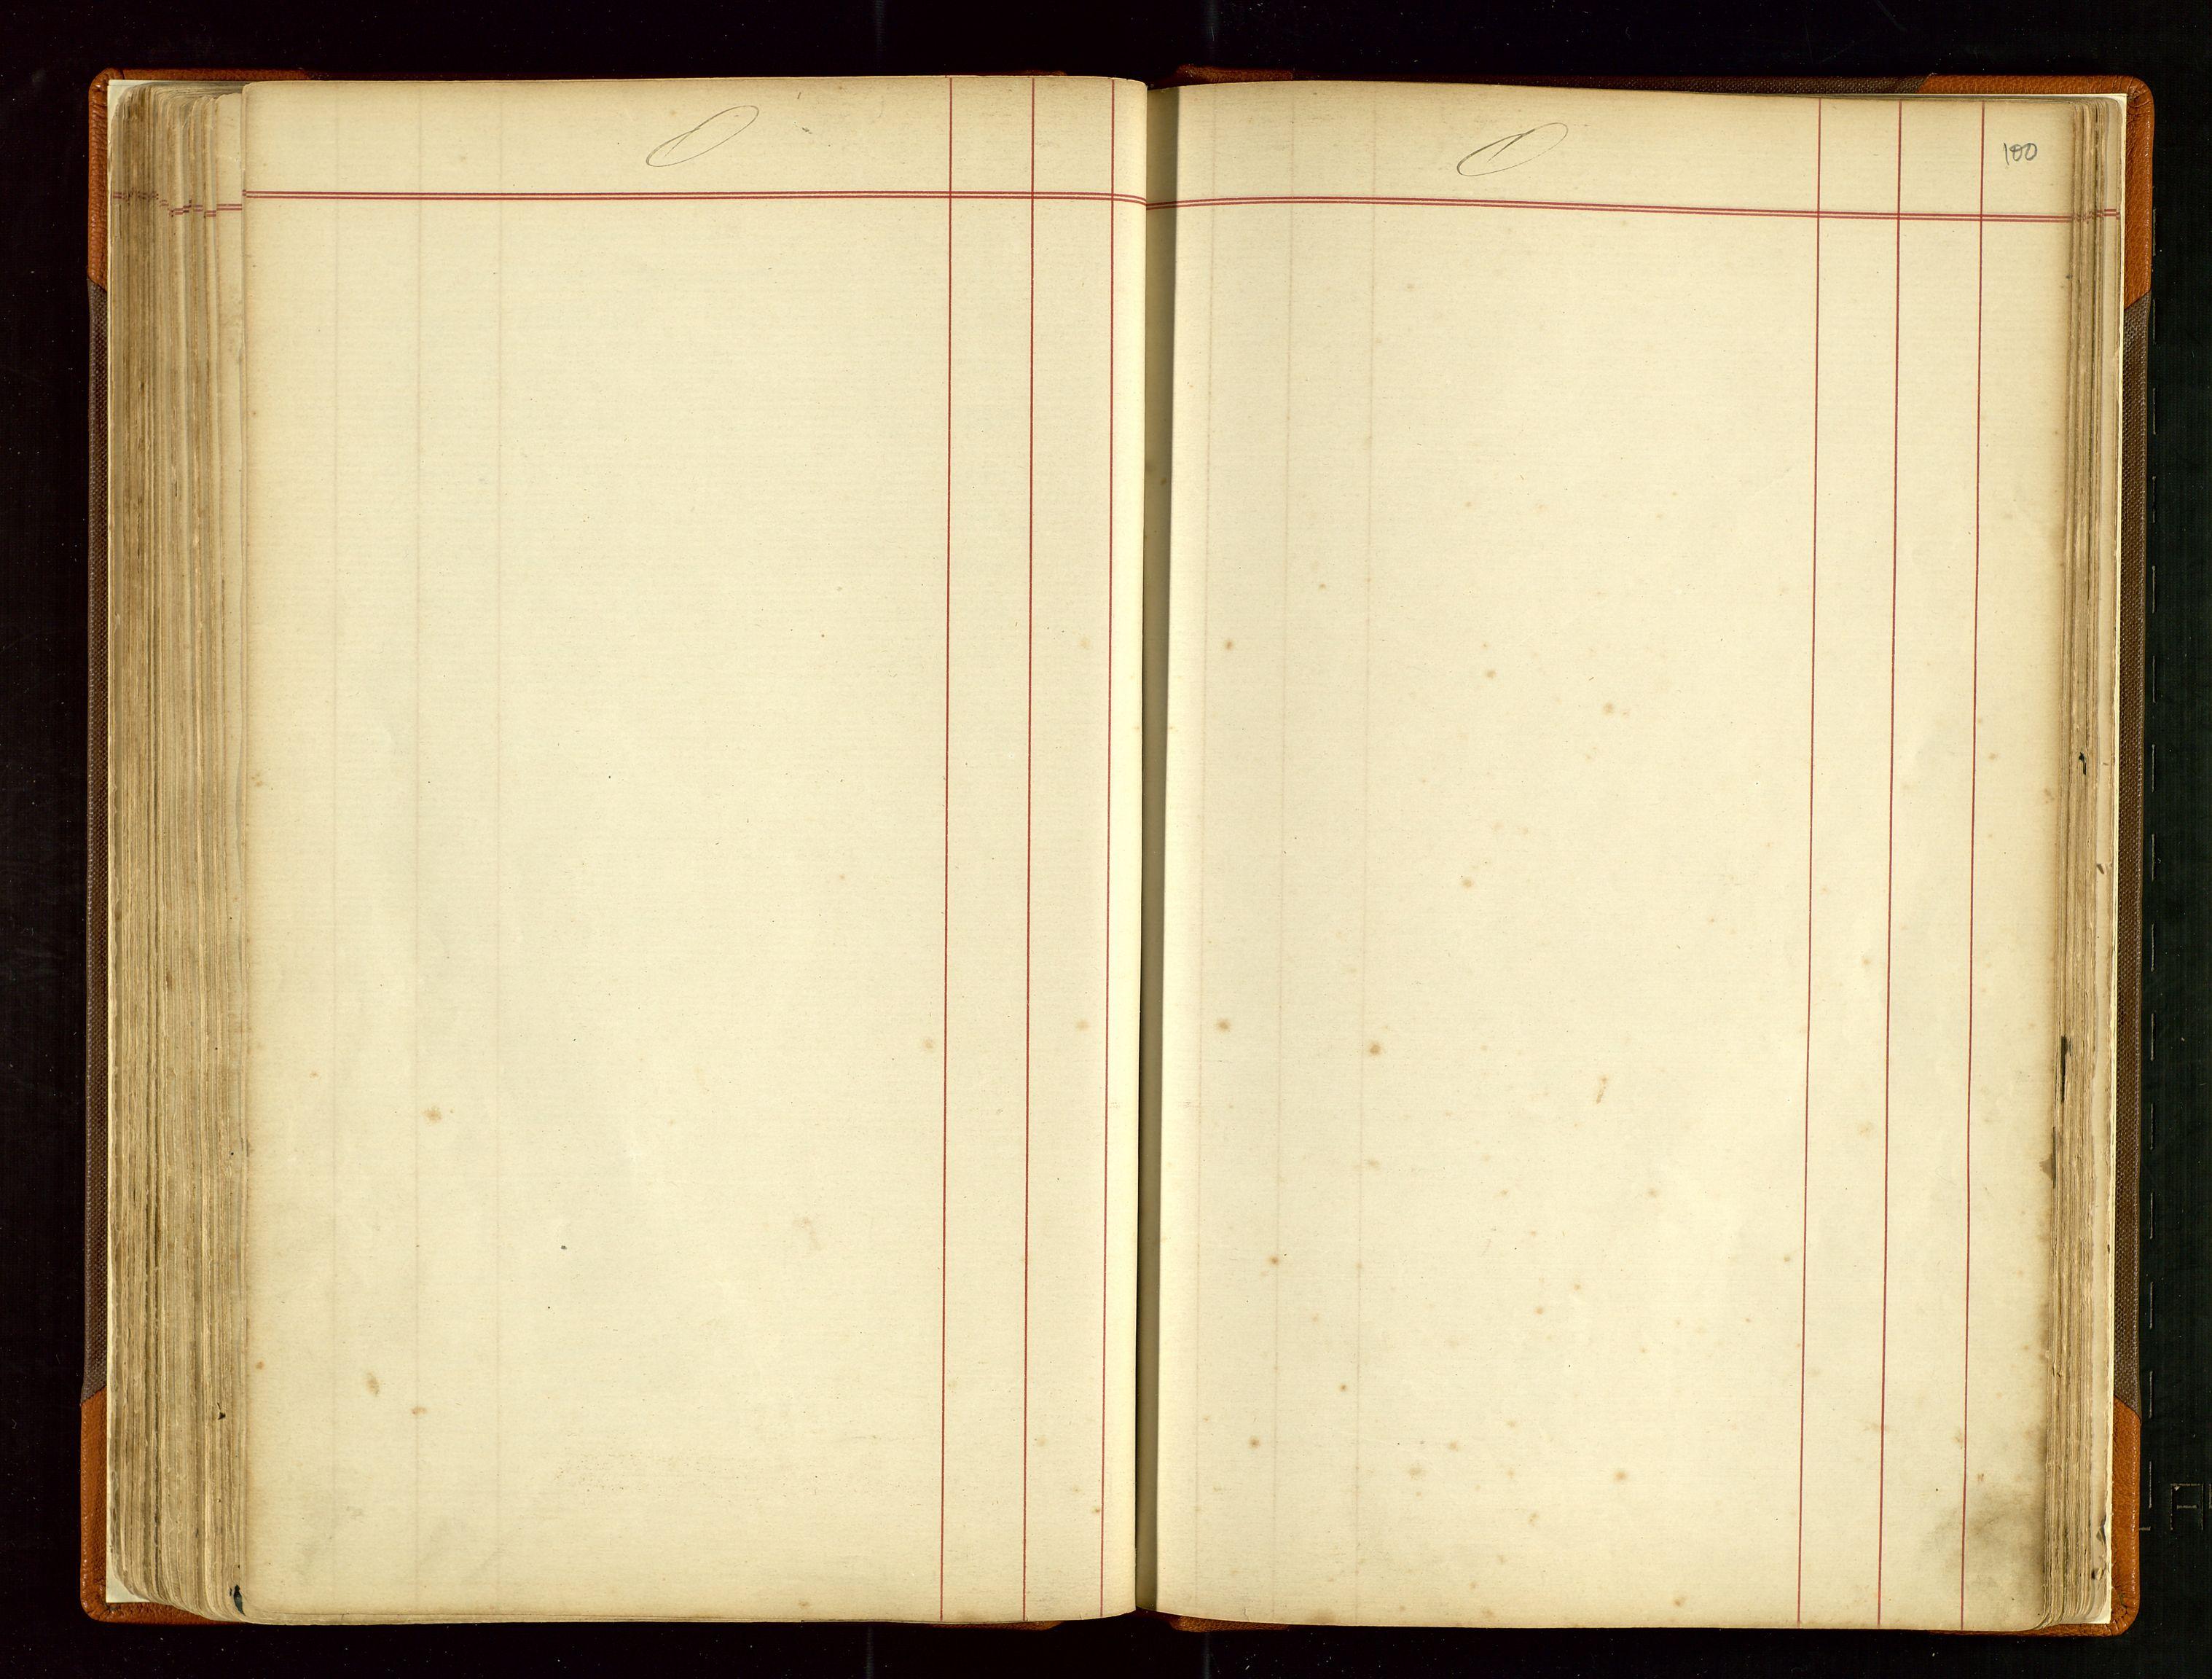 SAST, Haugesund sjømannskontor, F/Fb/Fba/L0003: Navneregister med henvisning til rullenummer (fornavn) Haugesund krets, 1860-1948, s. 100